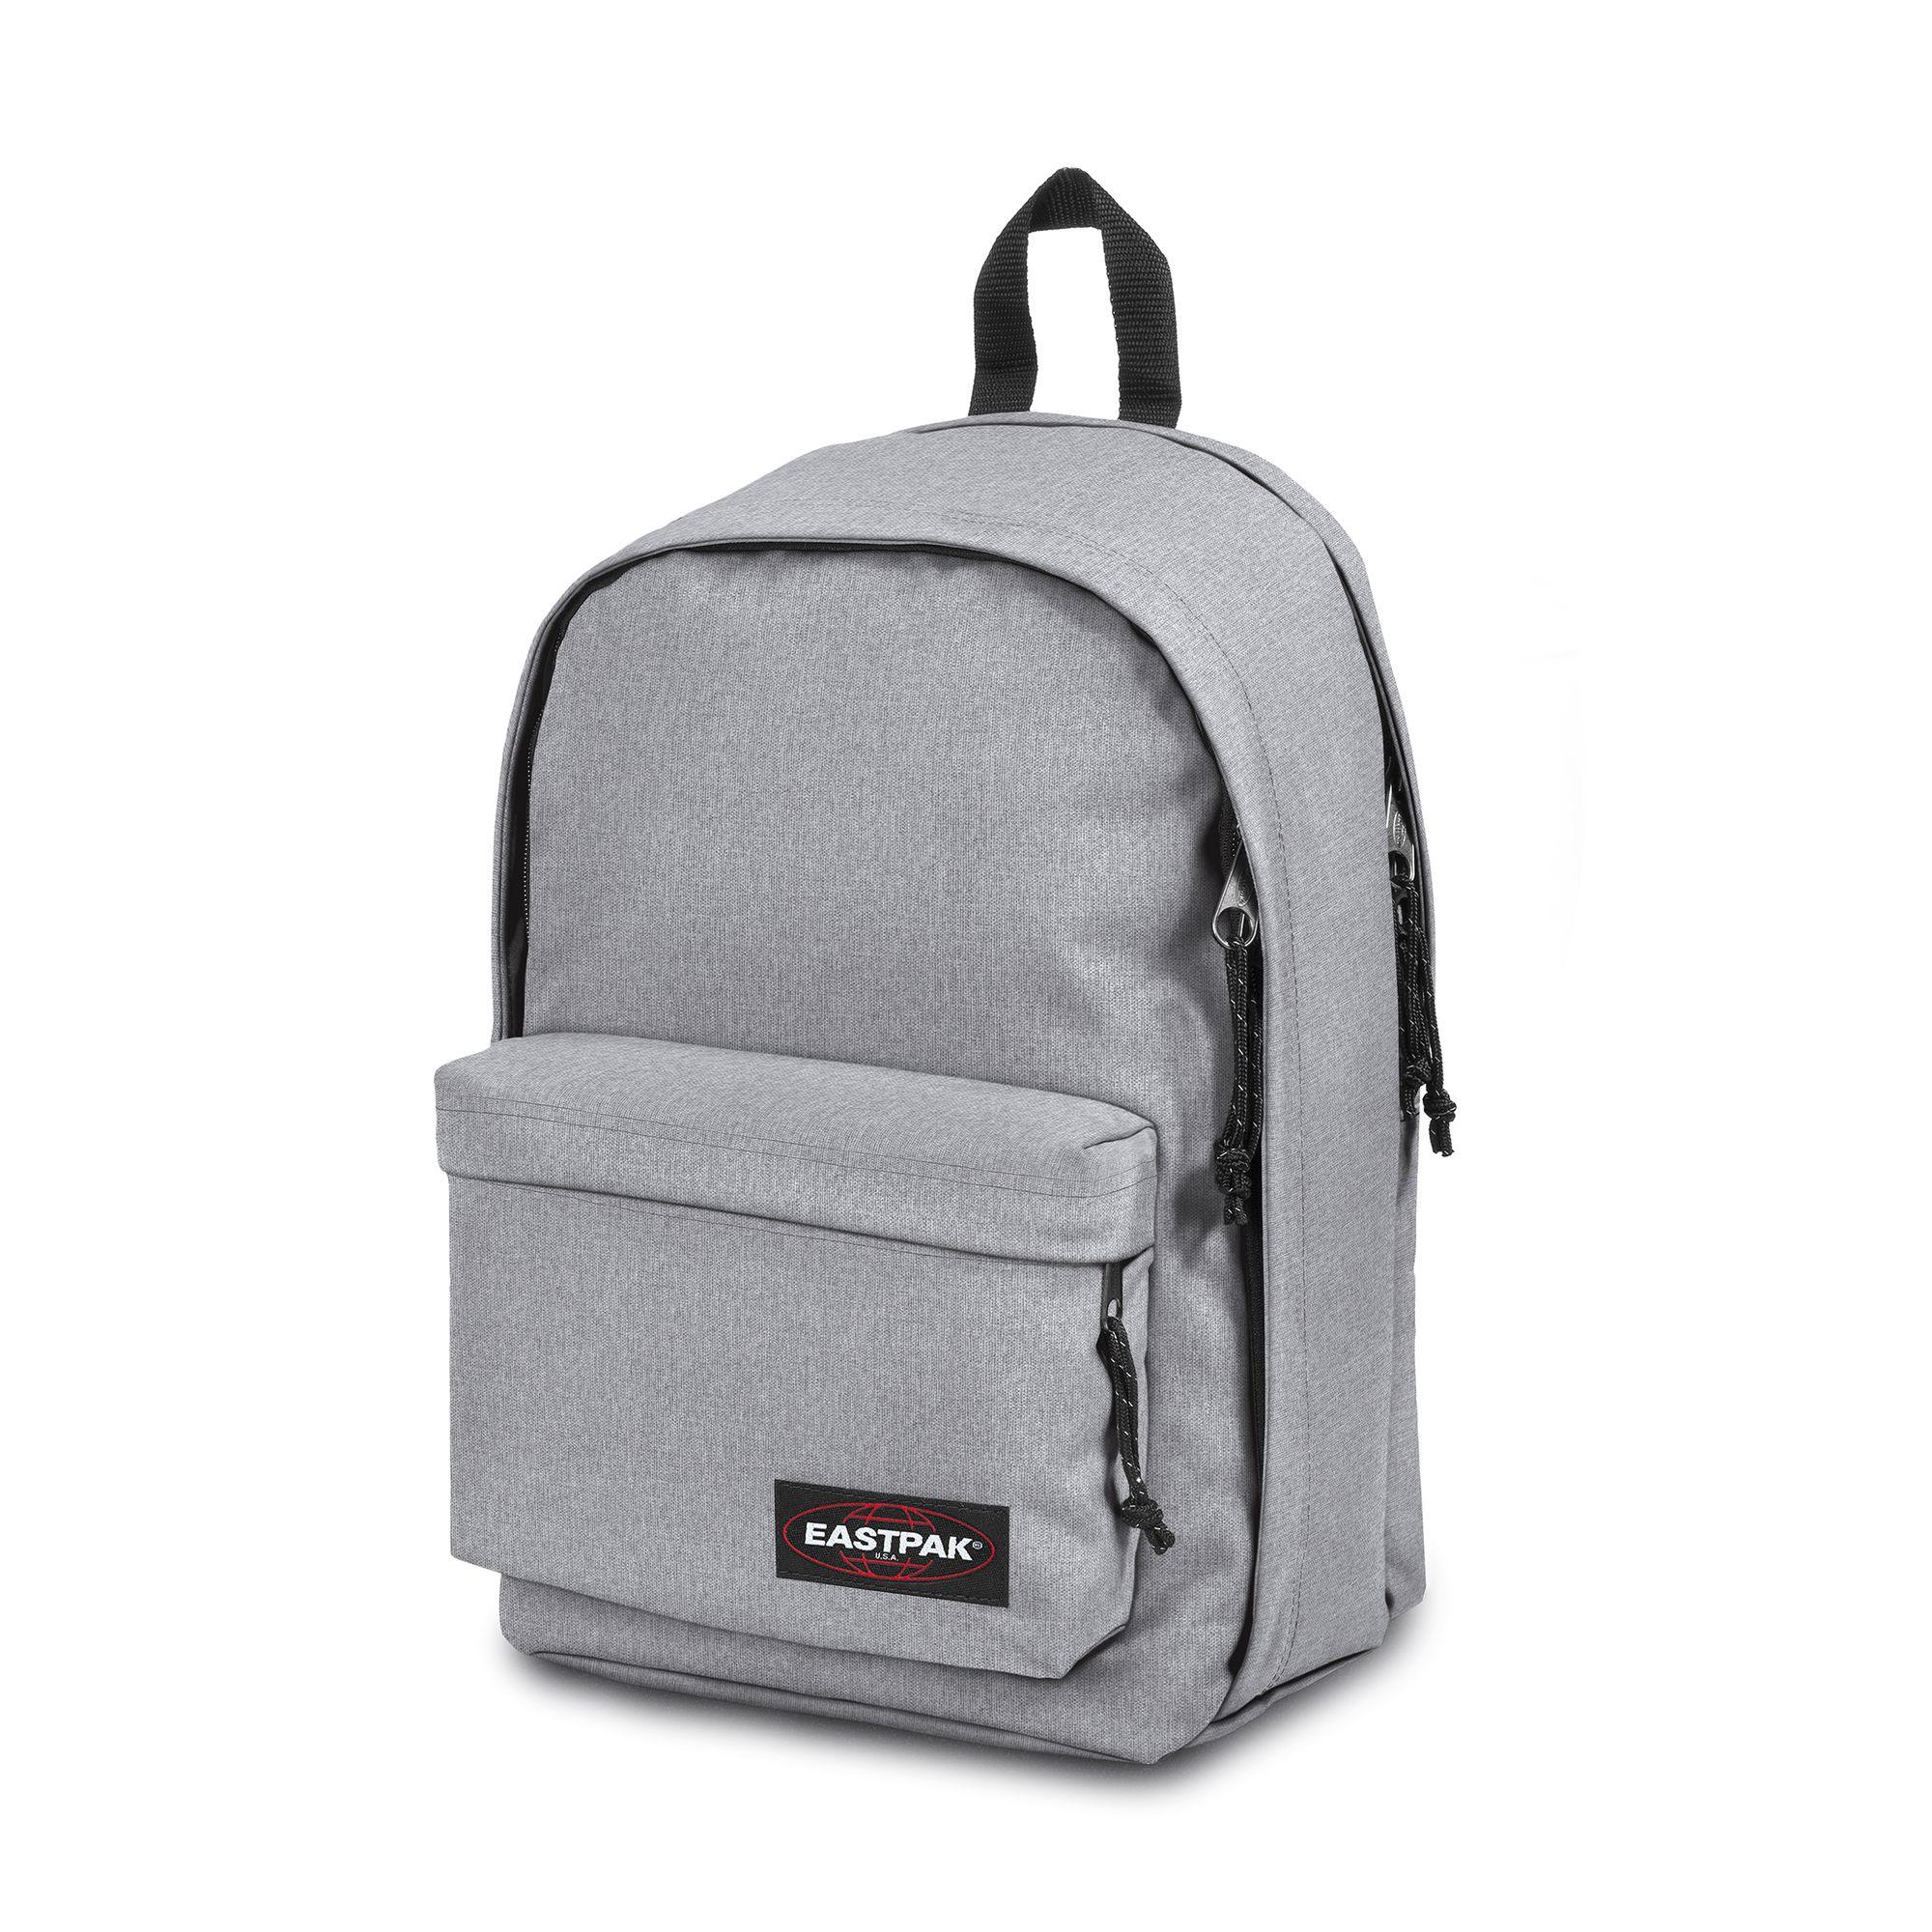 Köp väskor online till väldigt lågt pris!  6bcf7d276760e